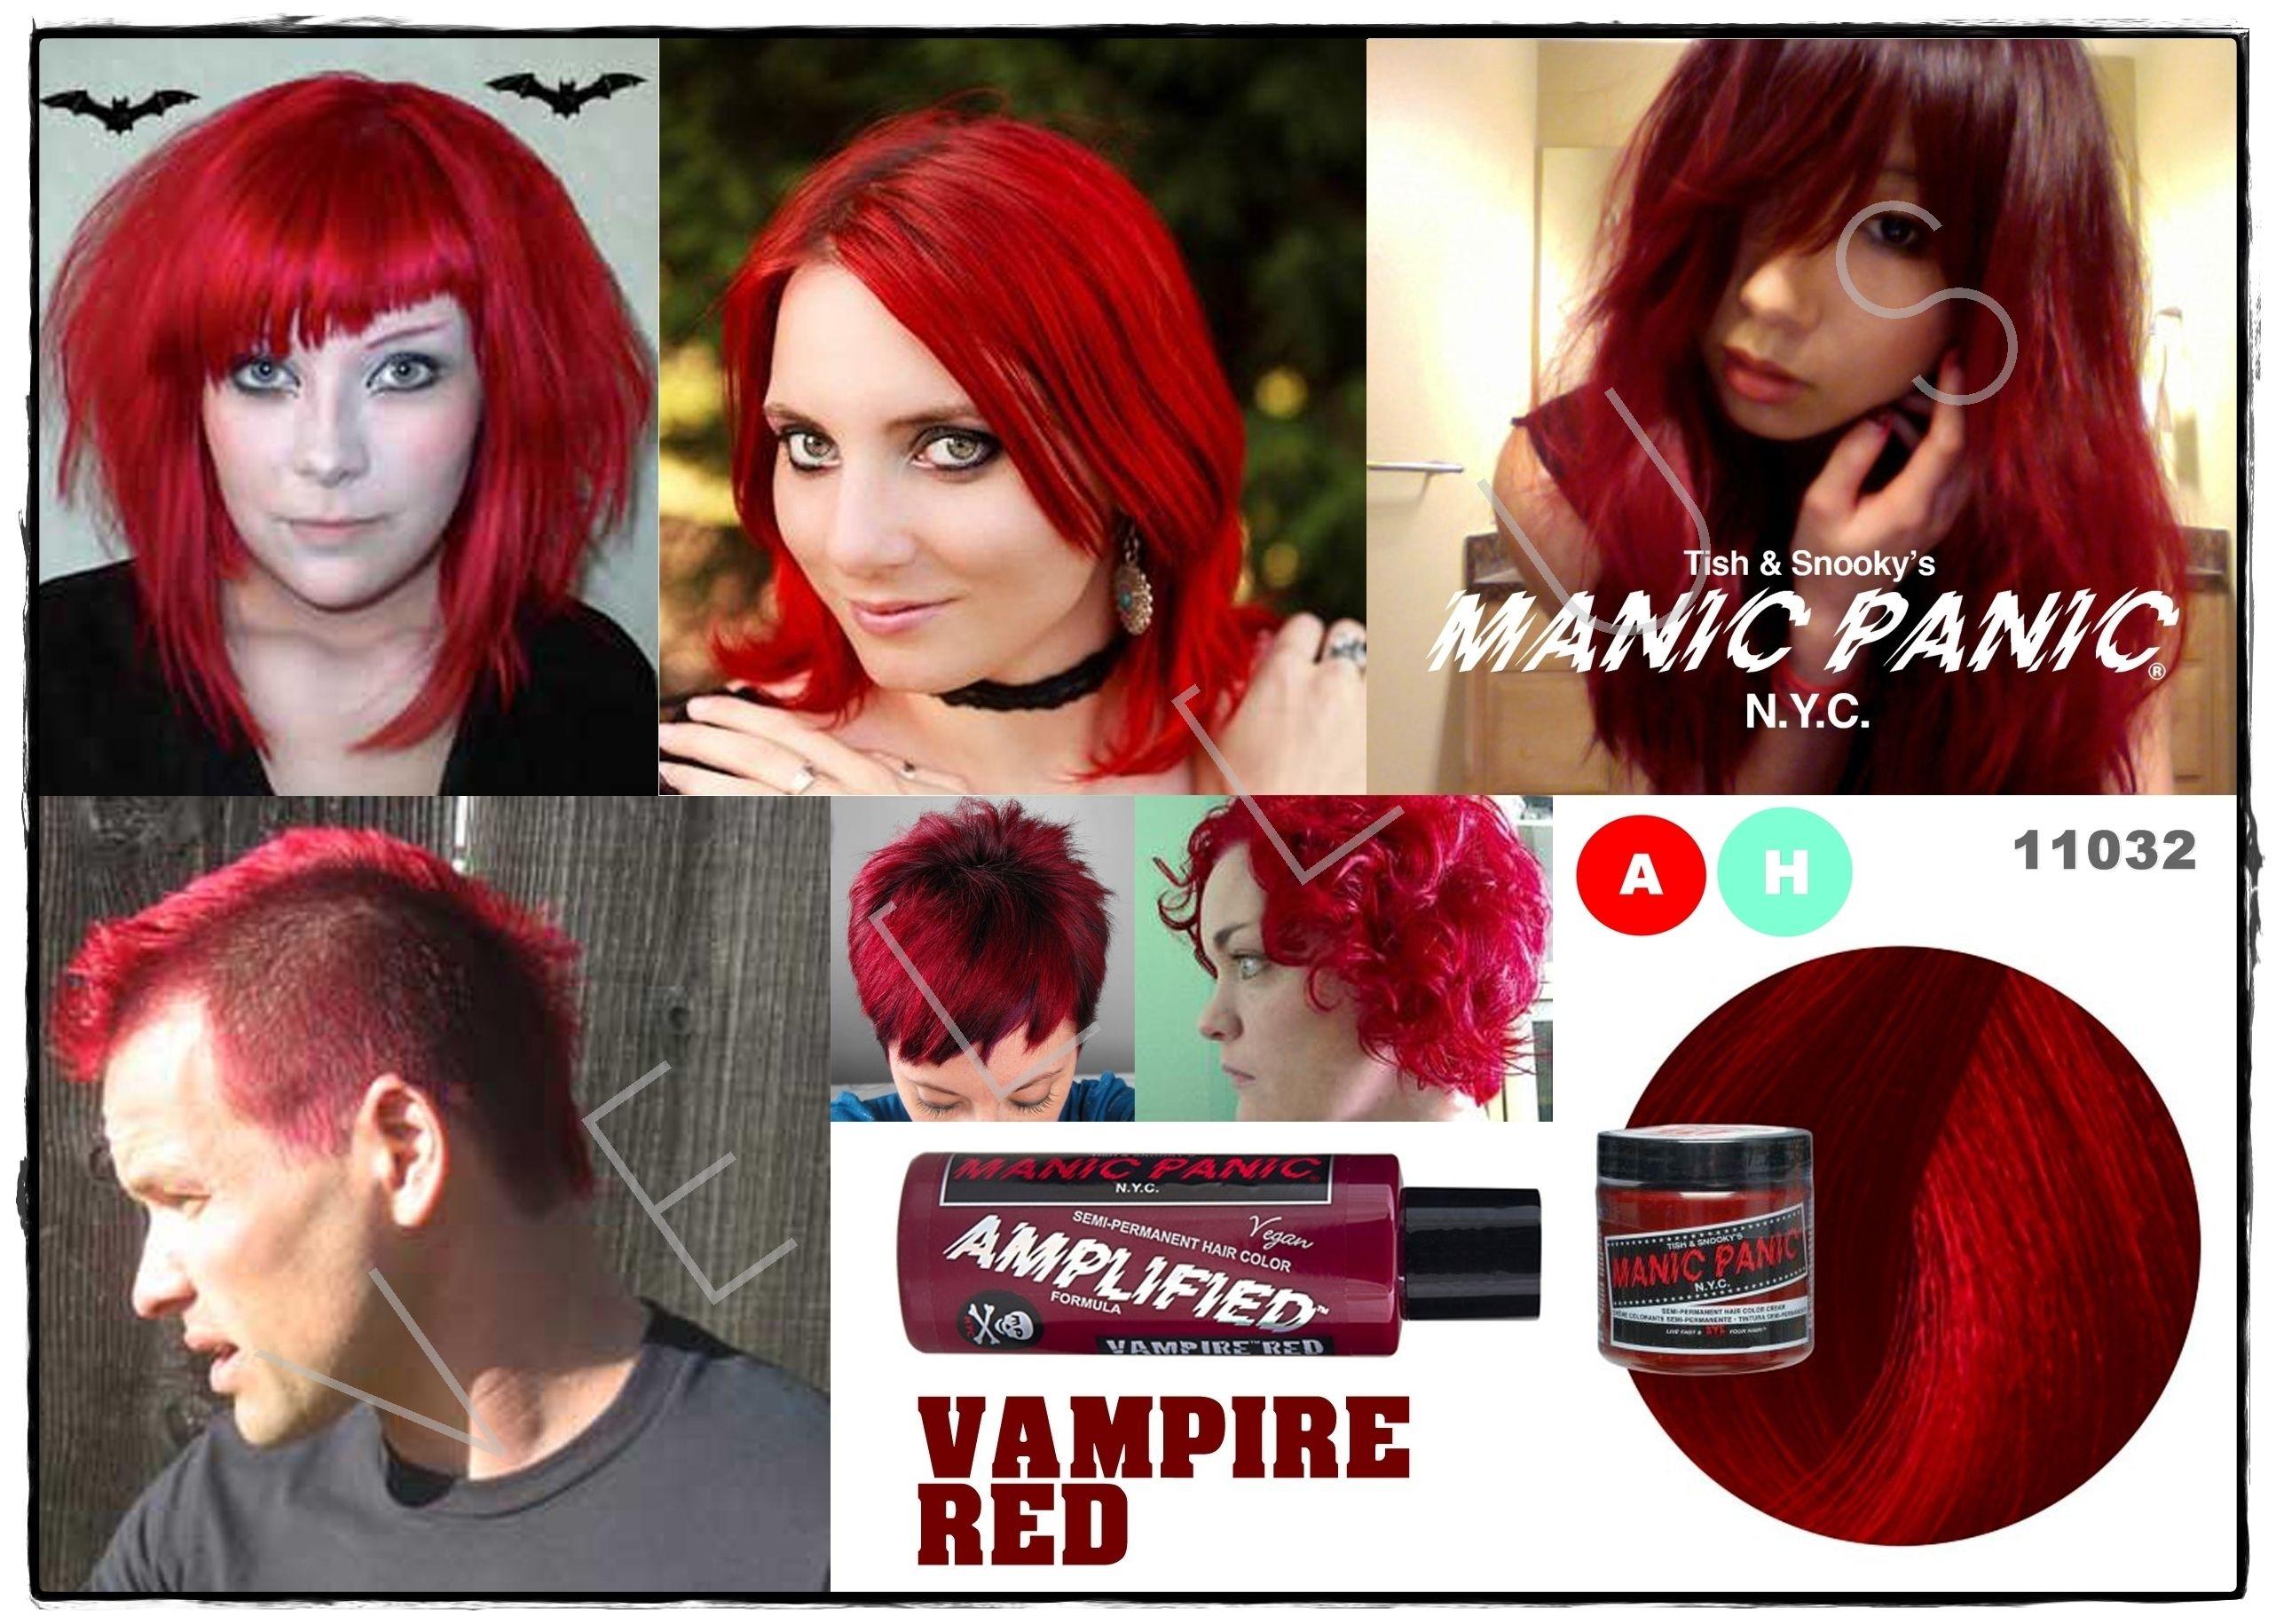 Manic Panic Amplified Vampire Red Vellus Hair Studio 83a Tanjong Pagar Road S 088504 Tel 62246566 Manic Panic Hair Dye Dyed Hair Hair Studio